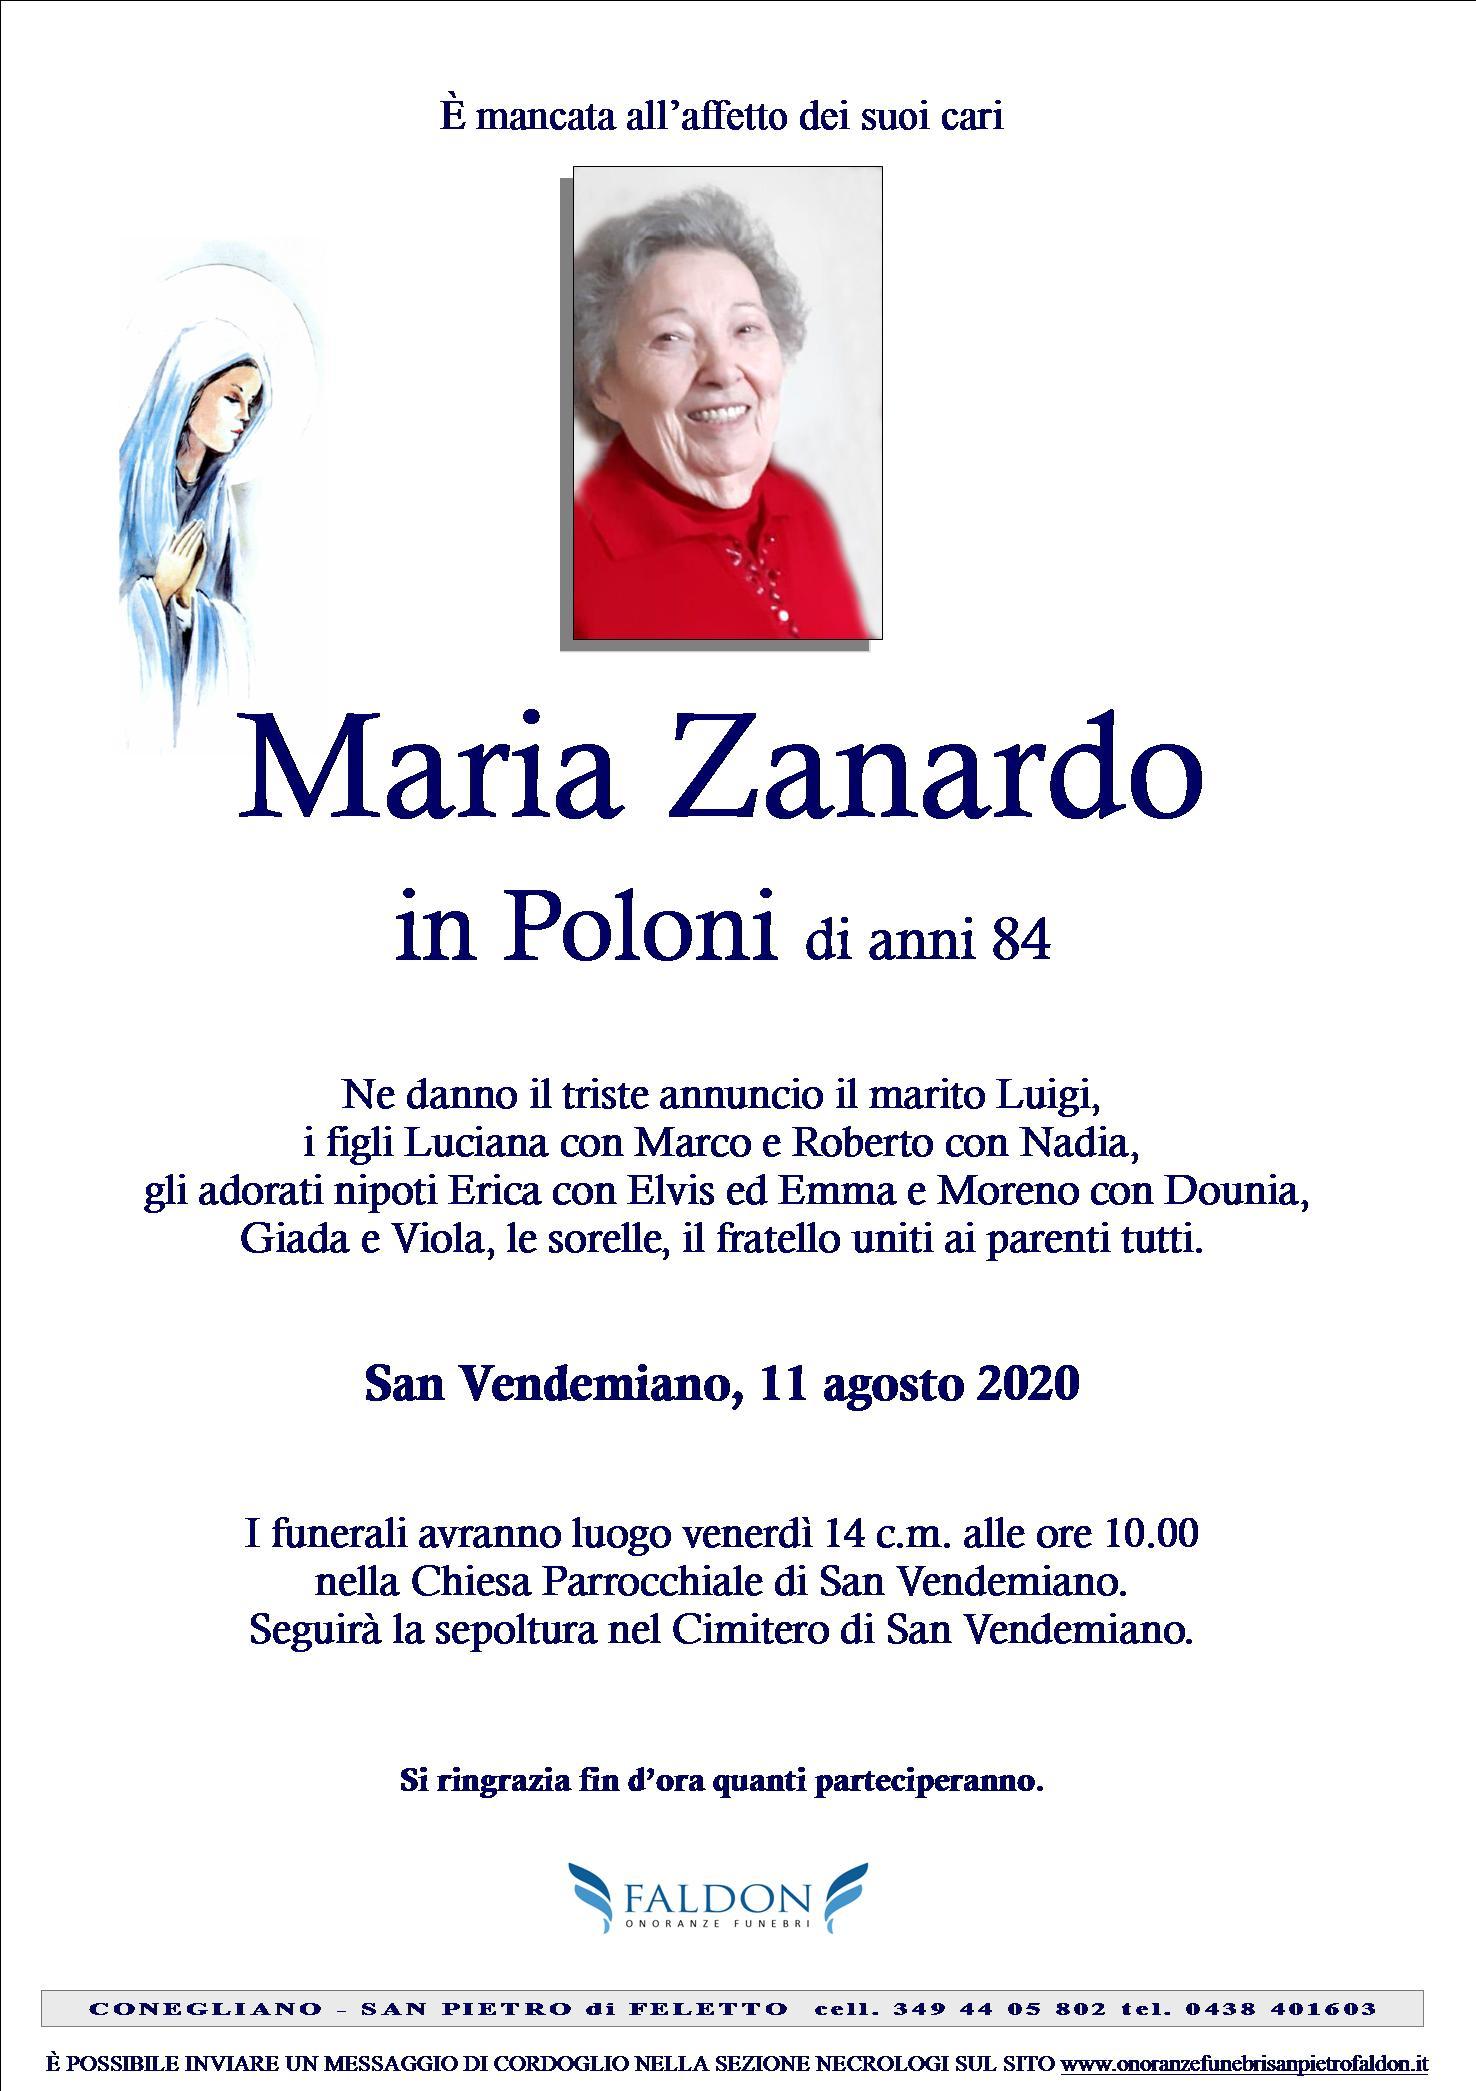 Maria Zanardo